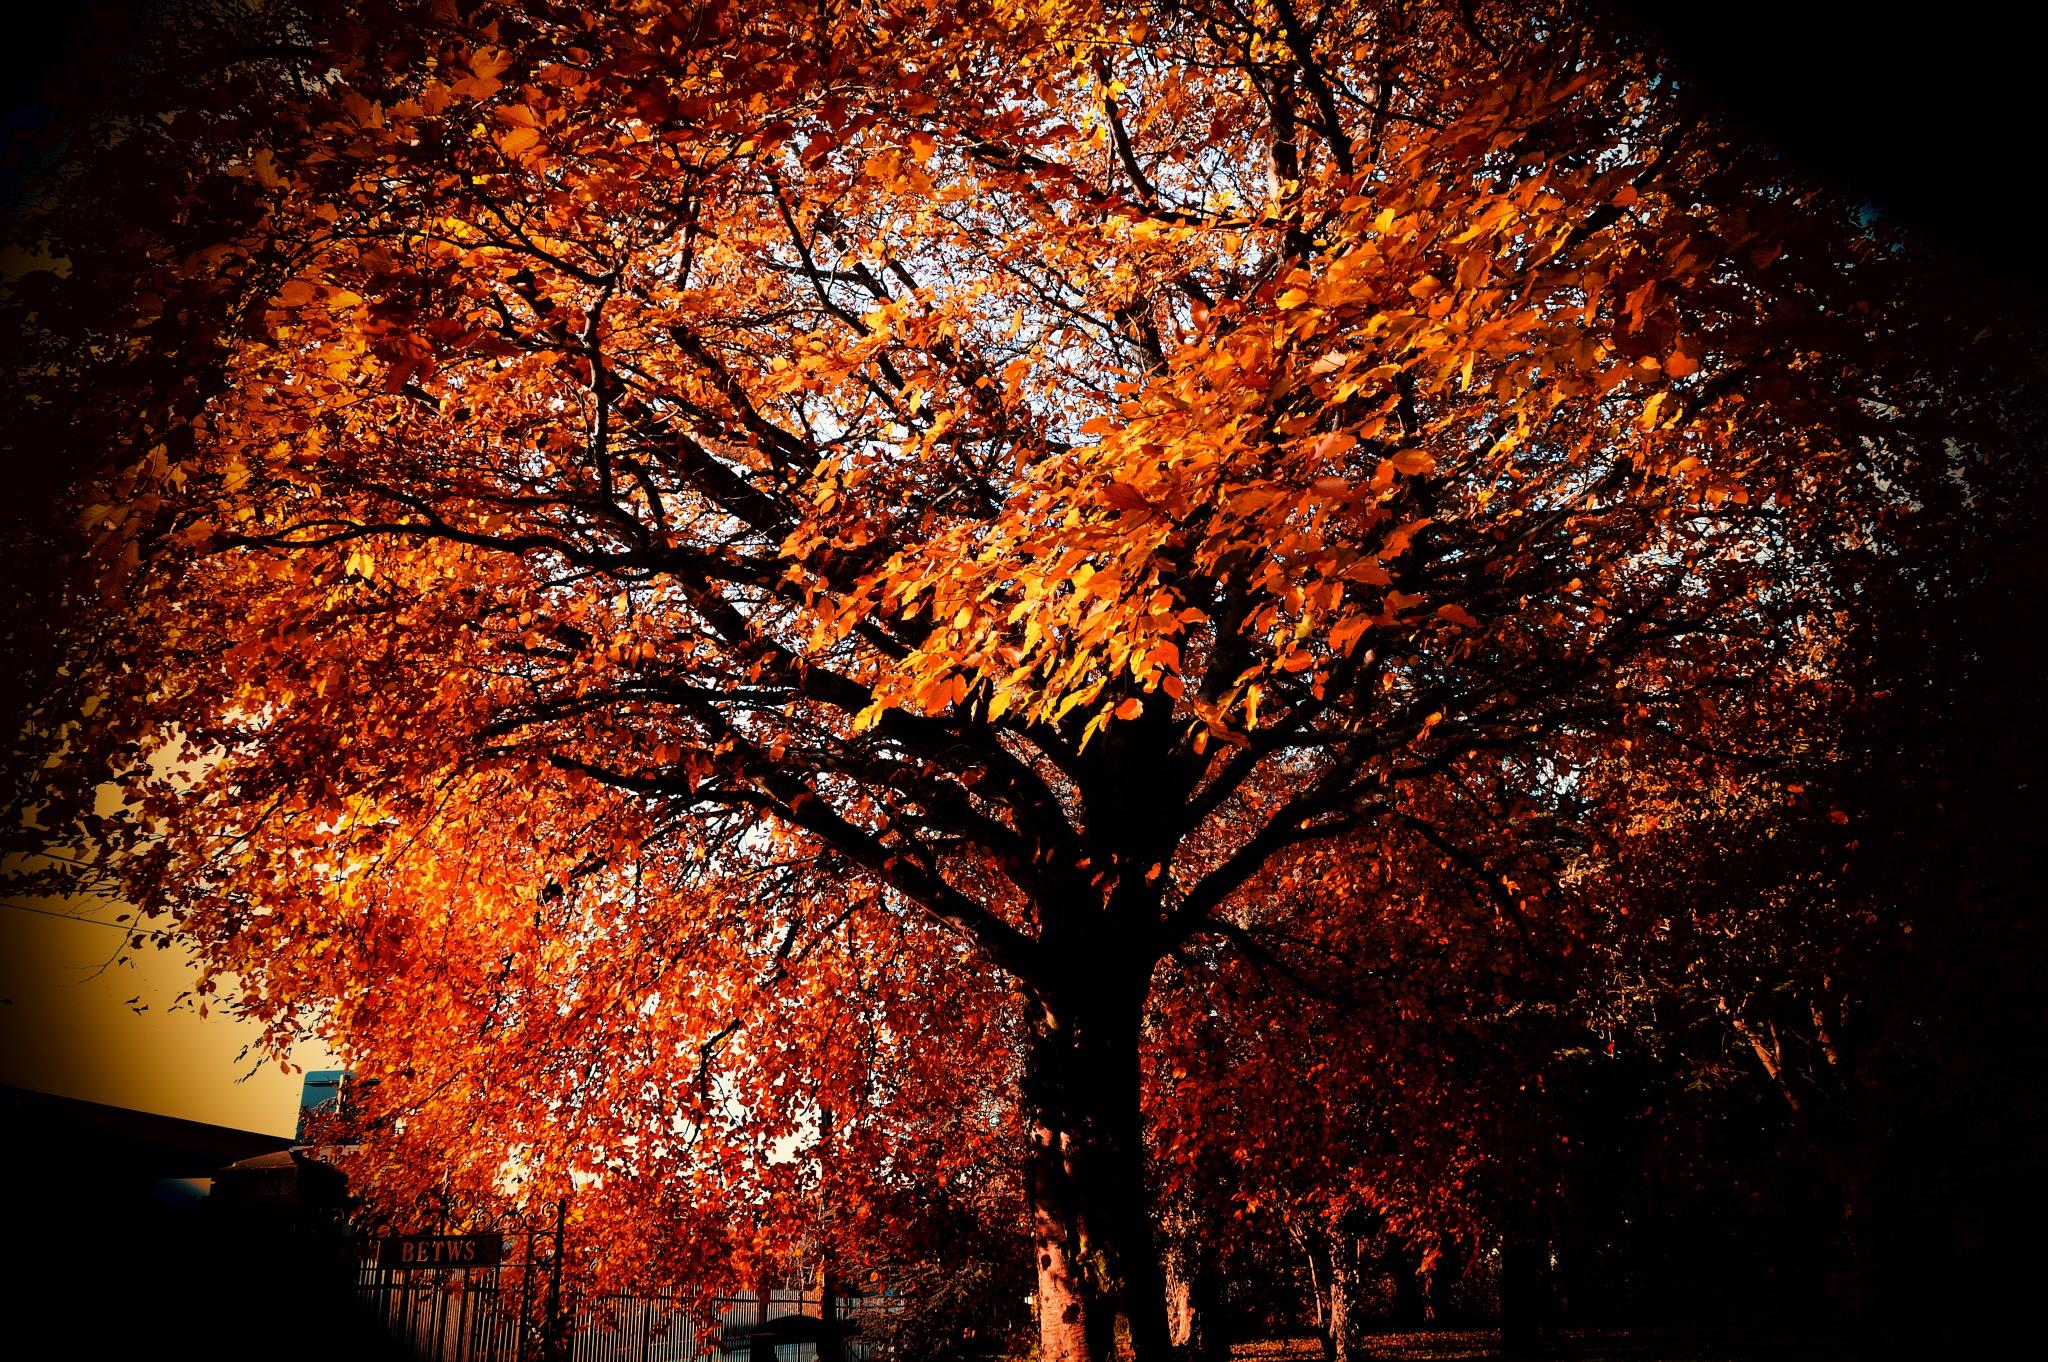 Autumn Tree by dew1961cap